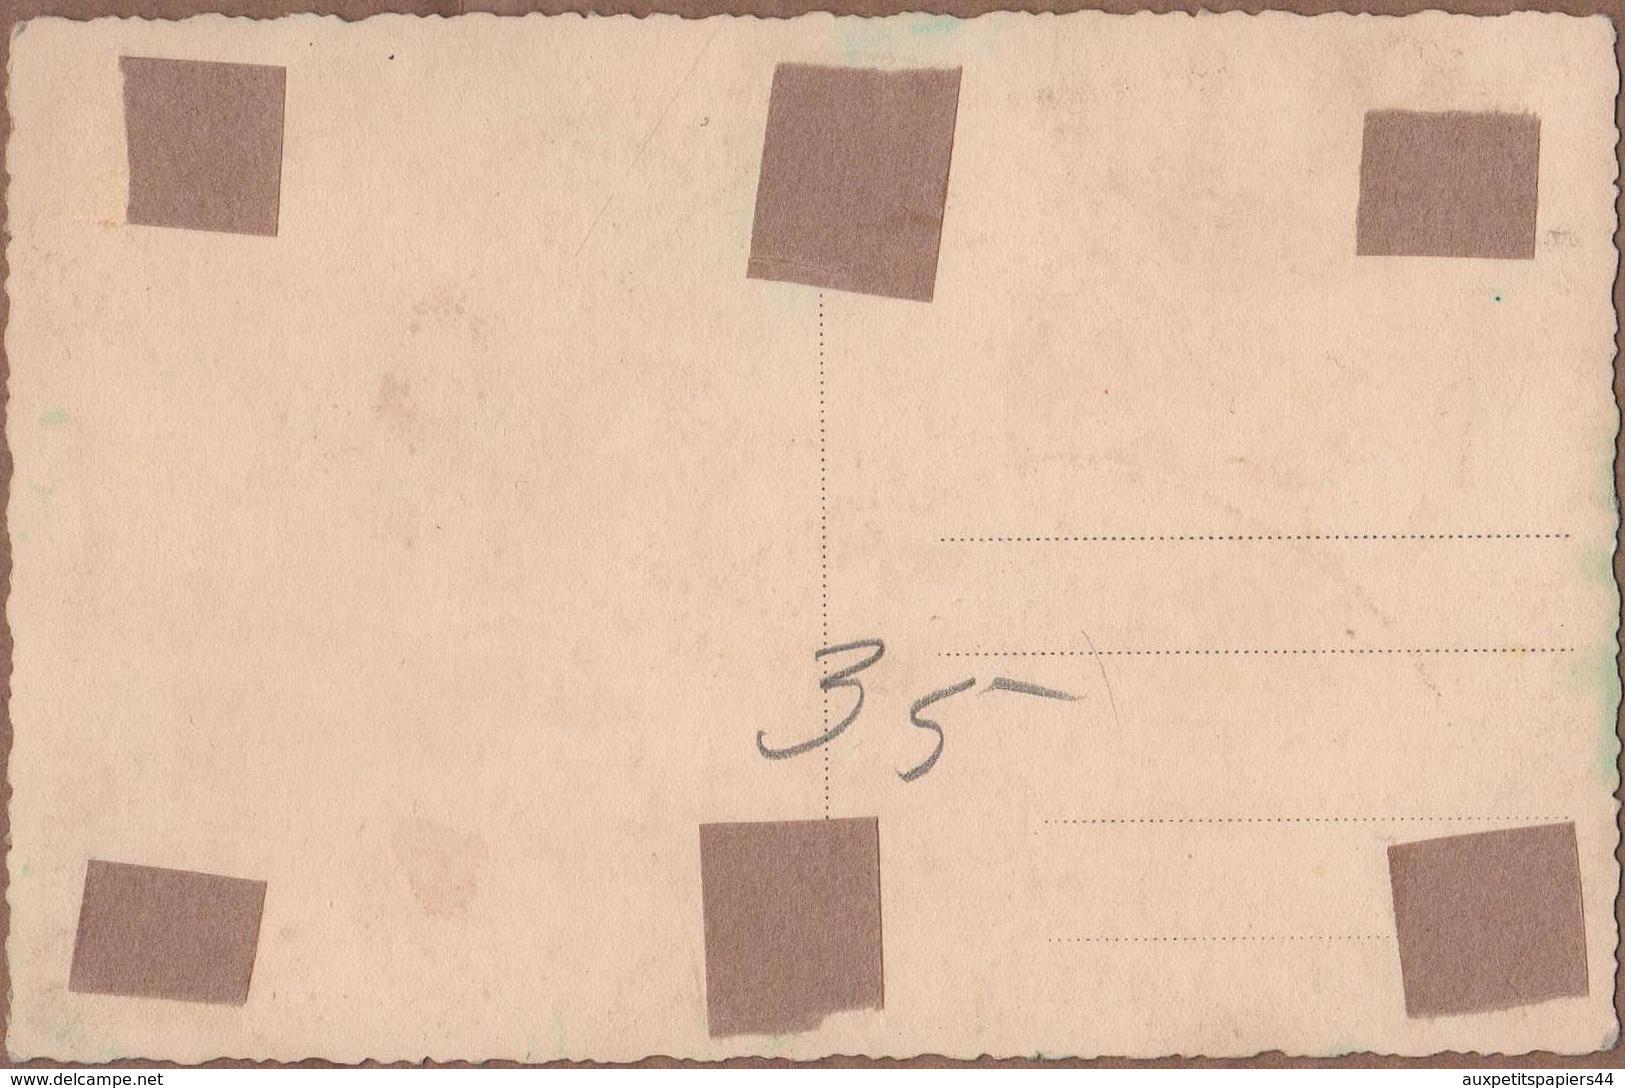 Carte Photo Colorisée Originale De 1935 - Deux Femmes Tyroliennes Dans Un Champ De Pâquerettes & Ferme En Arrière Plan - Personnes Anonymes